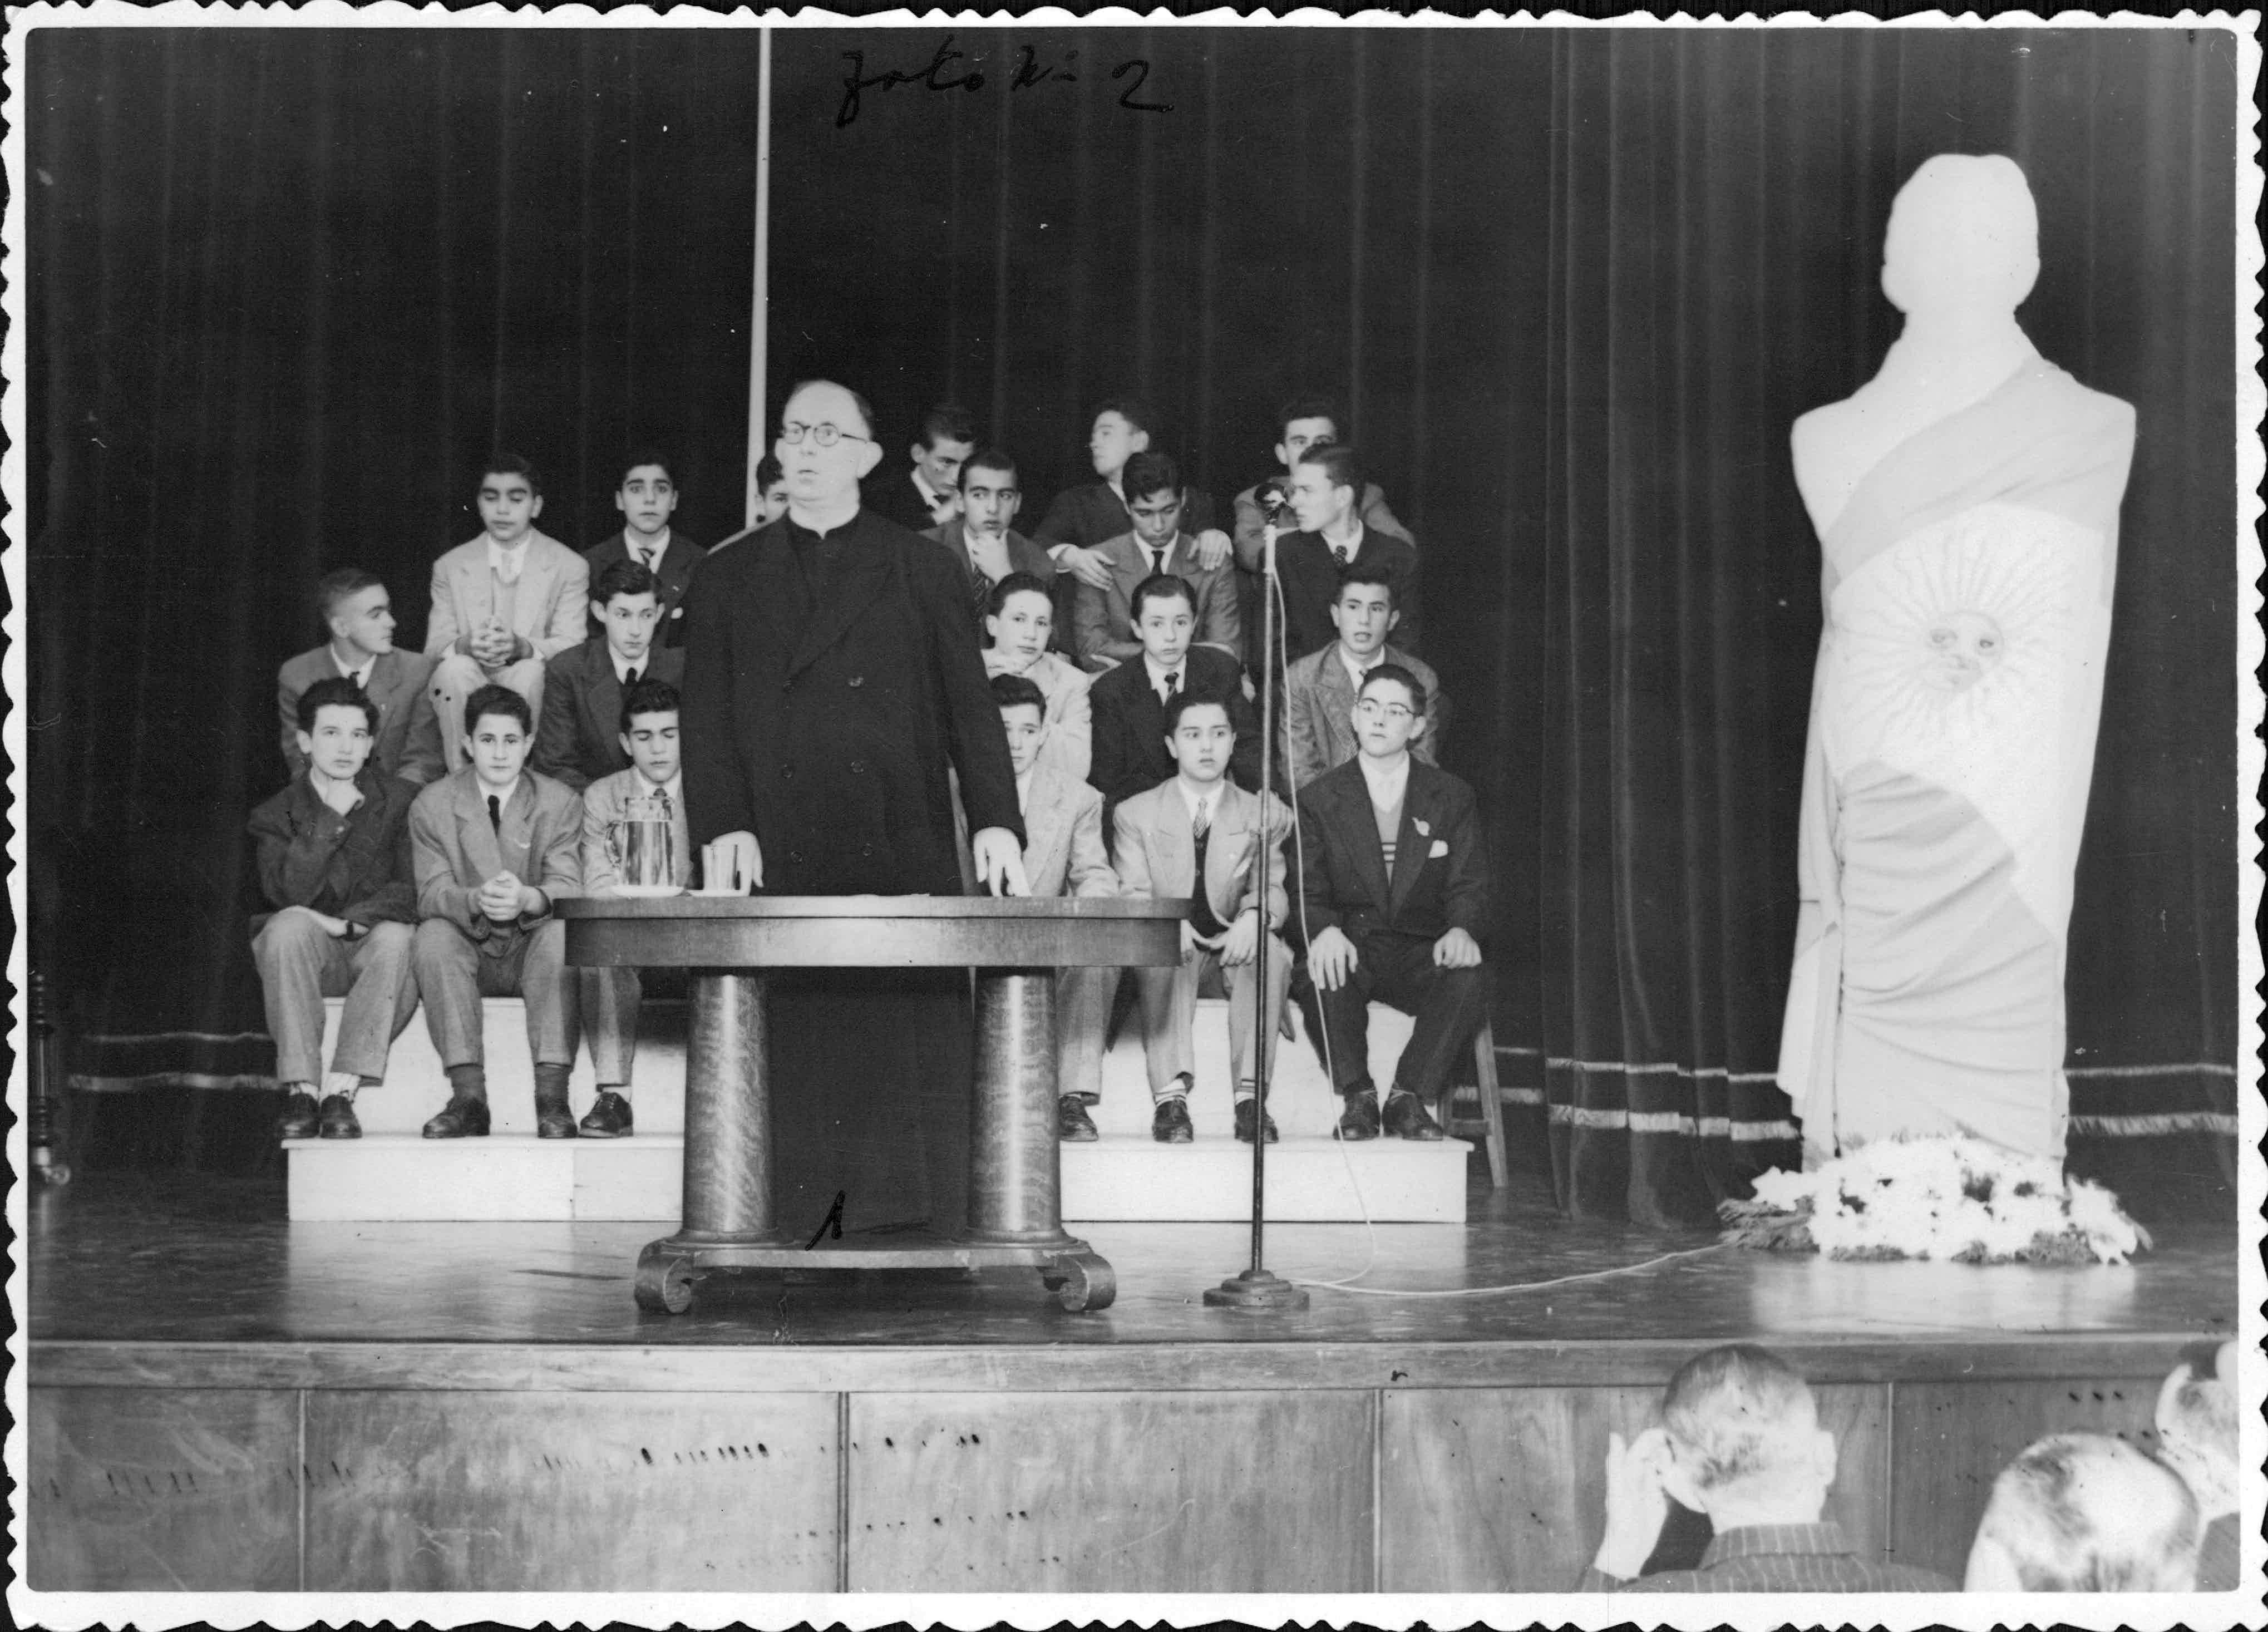 Facultad de Cs. Matemáticas, Fisico-químicas y Naturales, Rosario, 25/05/1950